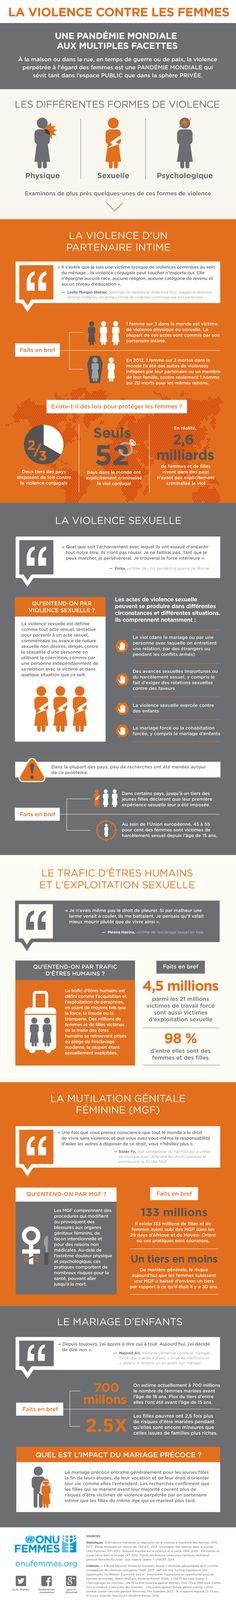 1 femme sur 3 dans le monde est victime de violence physique ou sexuelle. La plupart de ces actes sont commis par son partenaire intime. À la maison ou dans la rue, en temps de guerre ou de paix, la